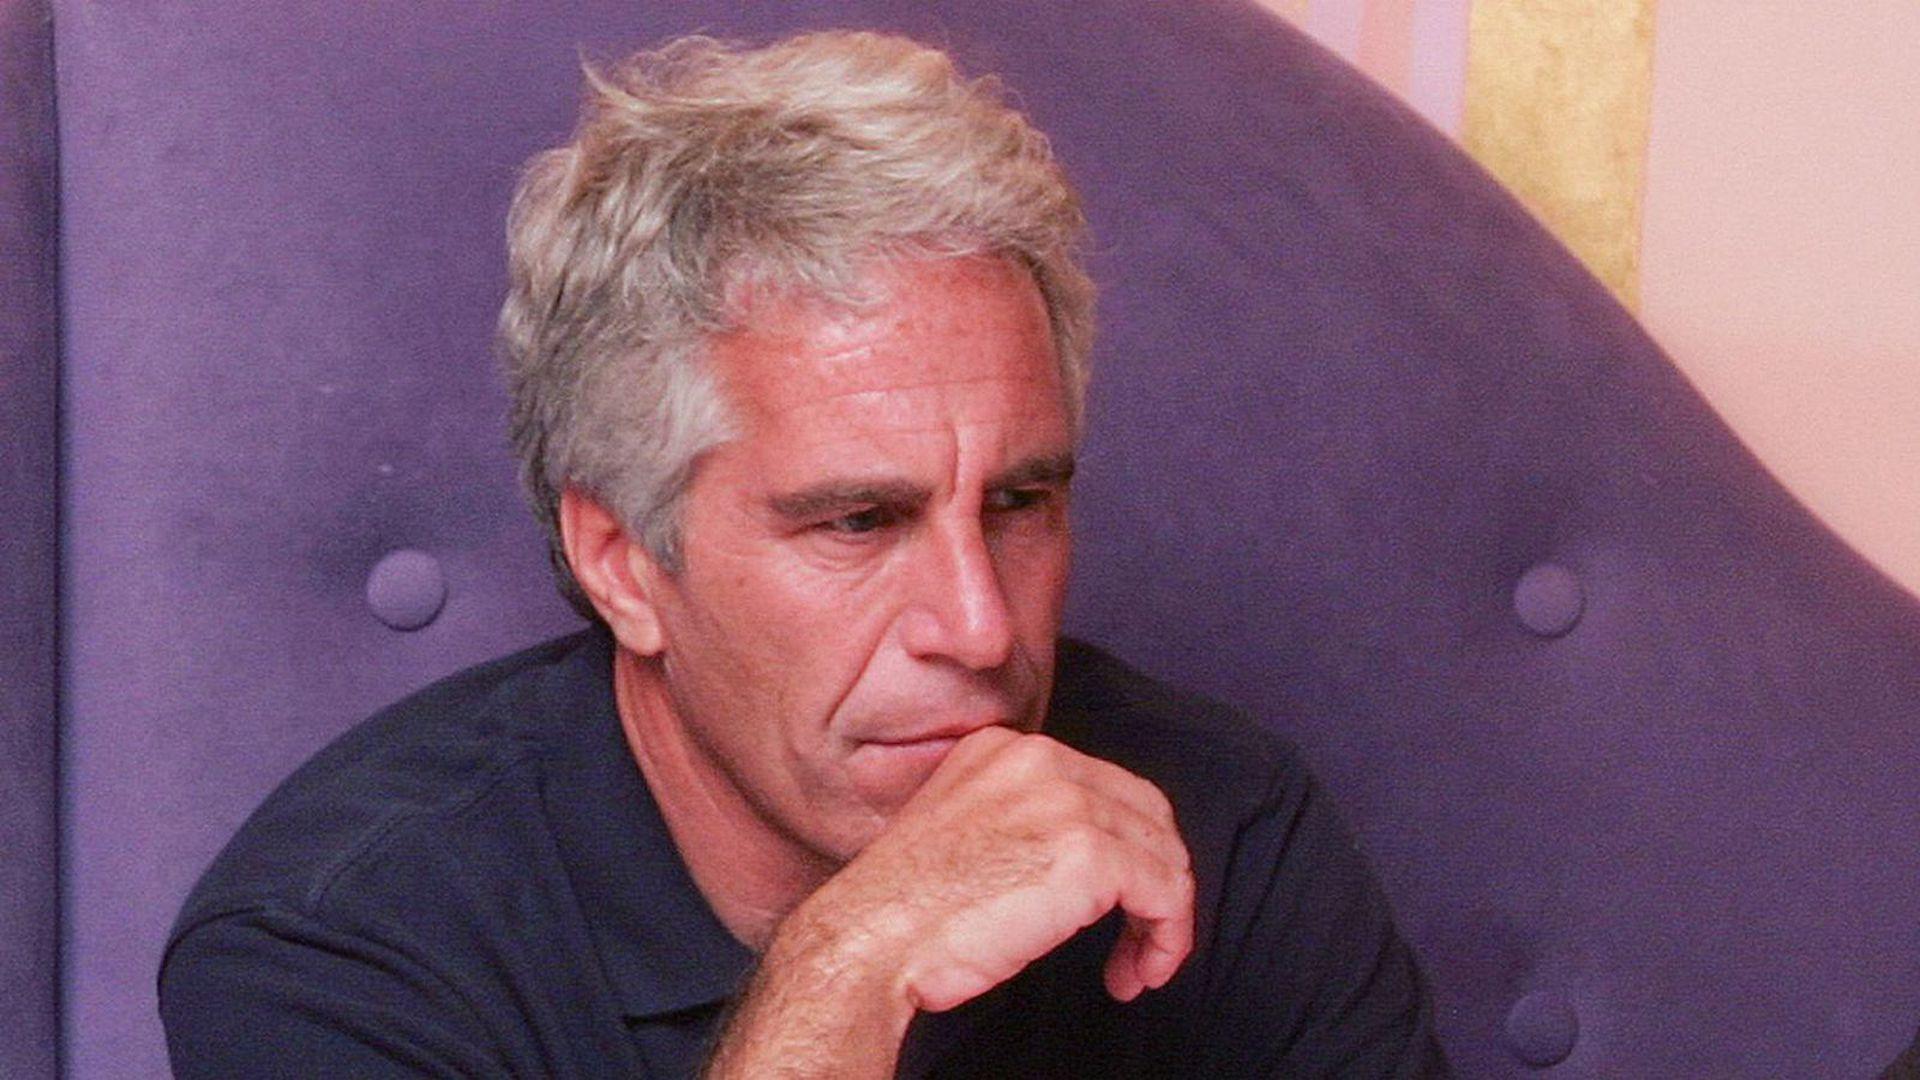 Jeffrey Epstein sits on a sofa.